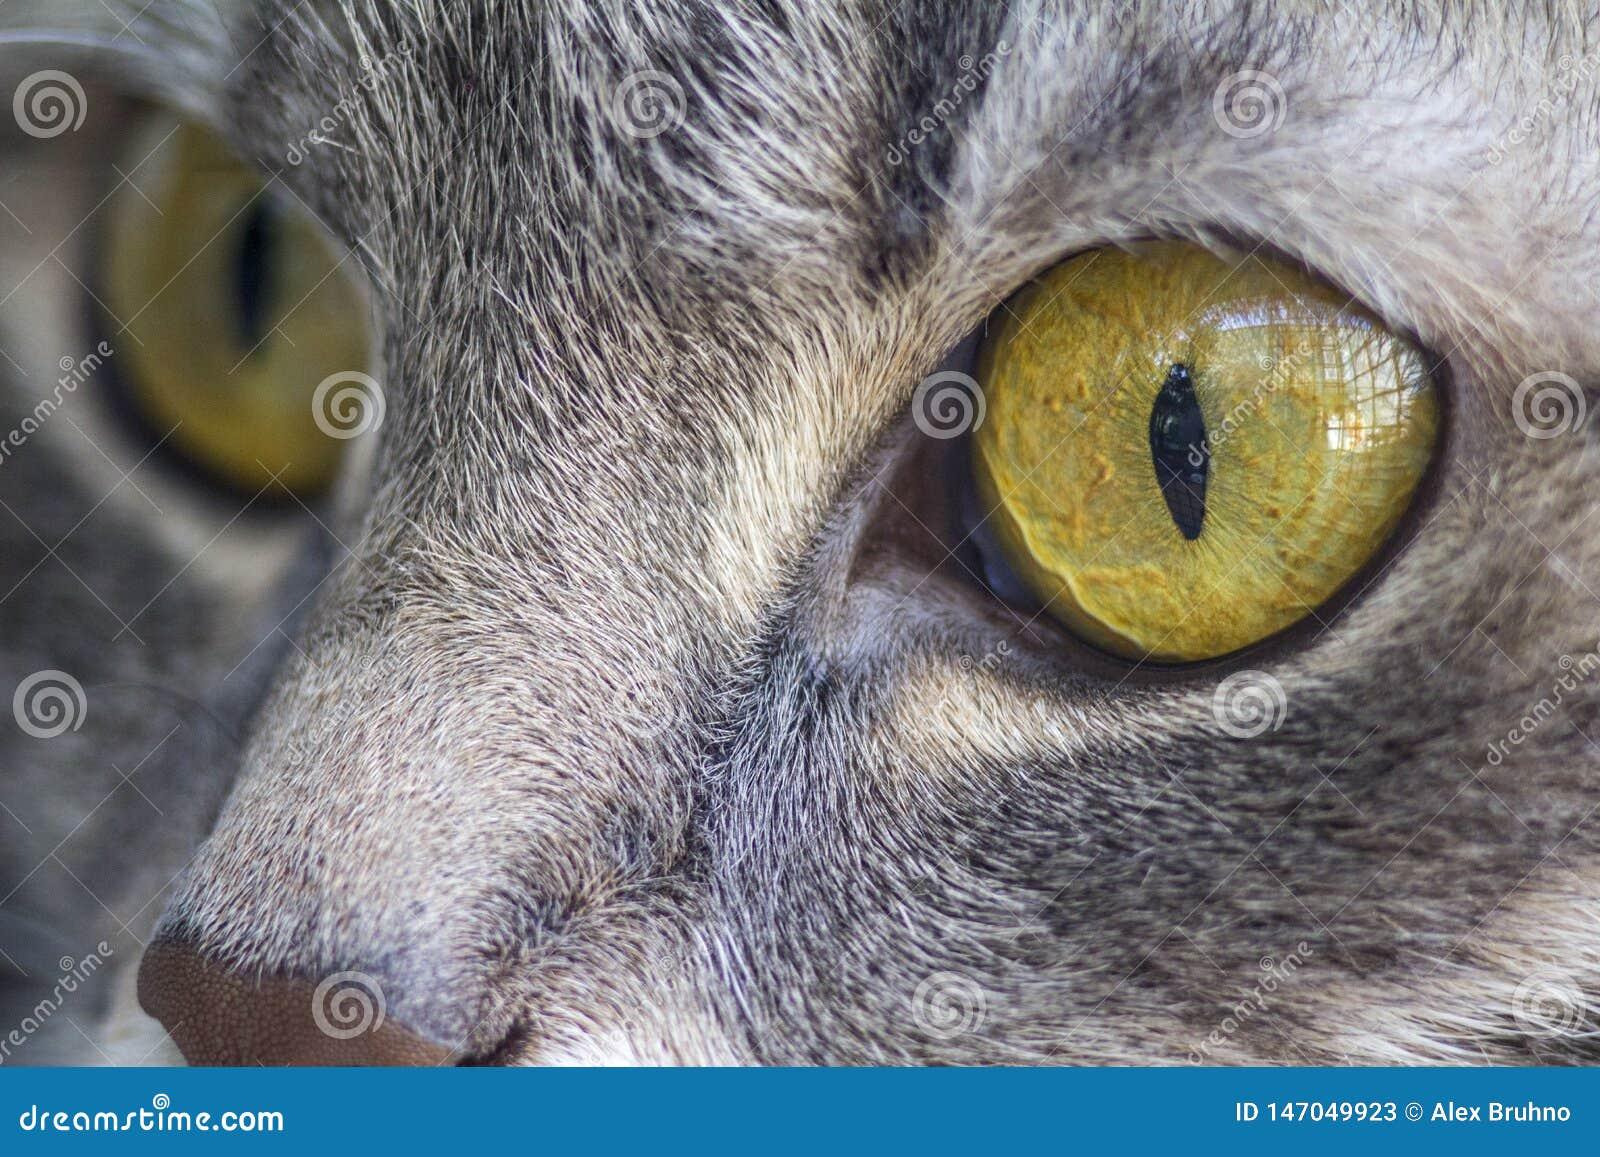 Gato bonito com olhos grandes, pele cinzenta meu tigre bonito pequeno